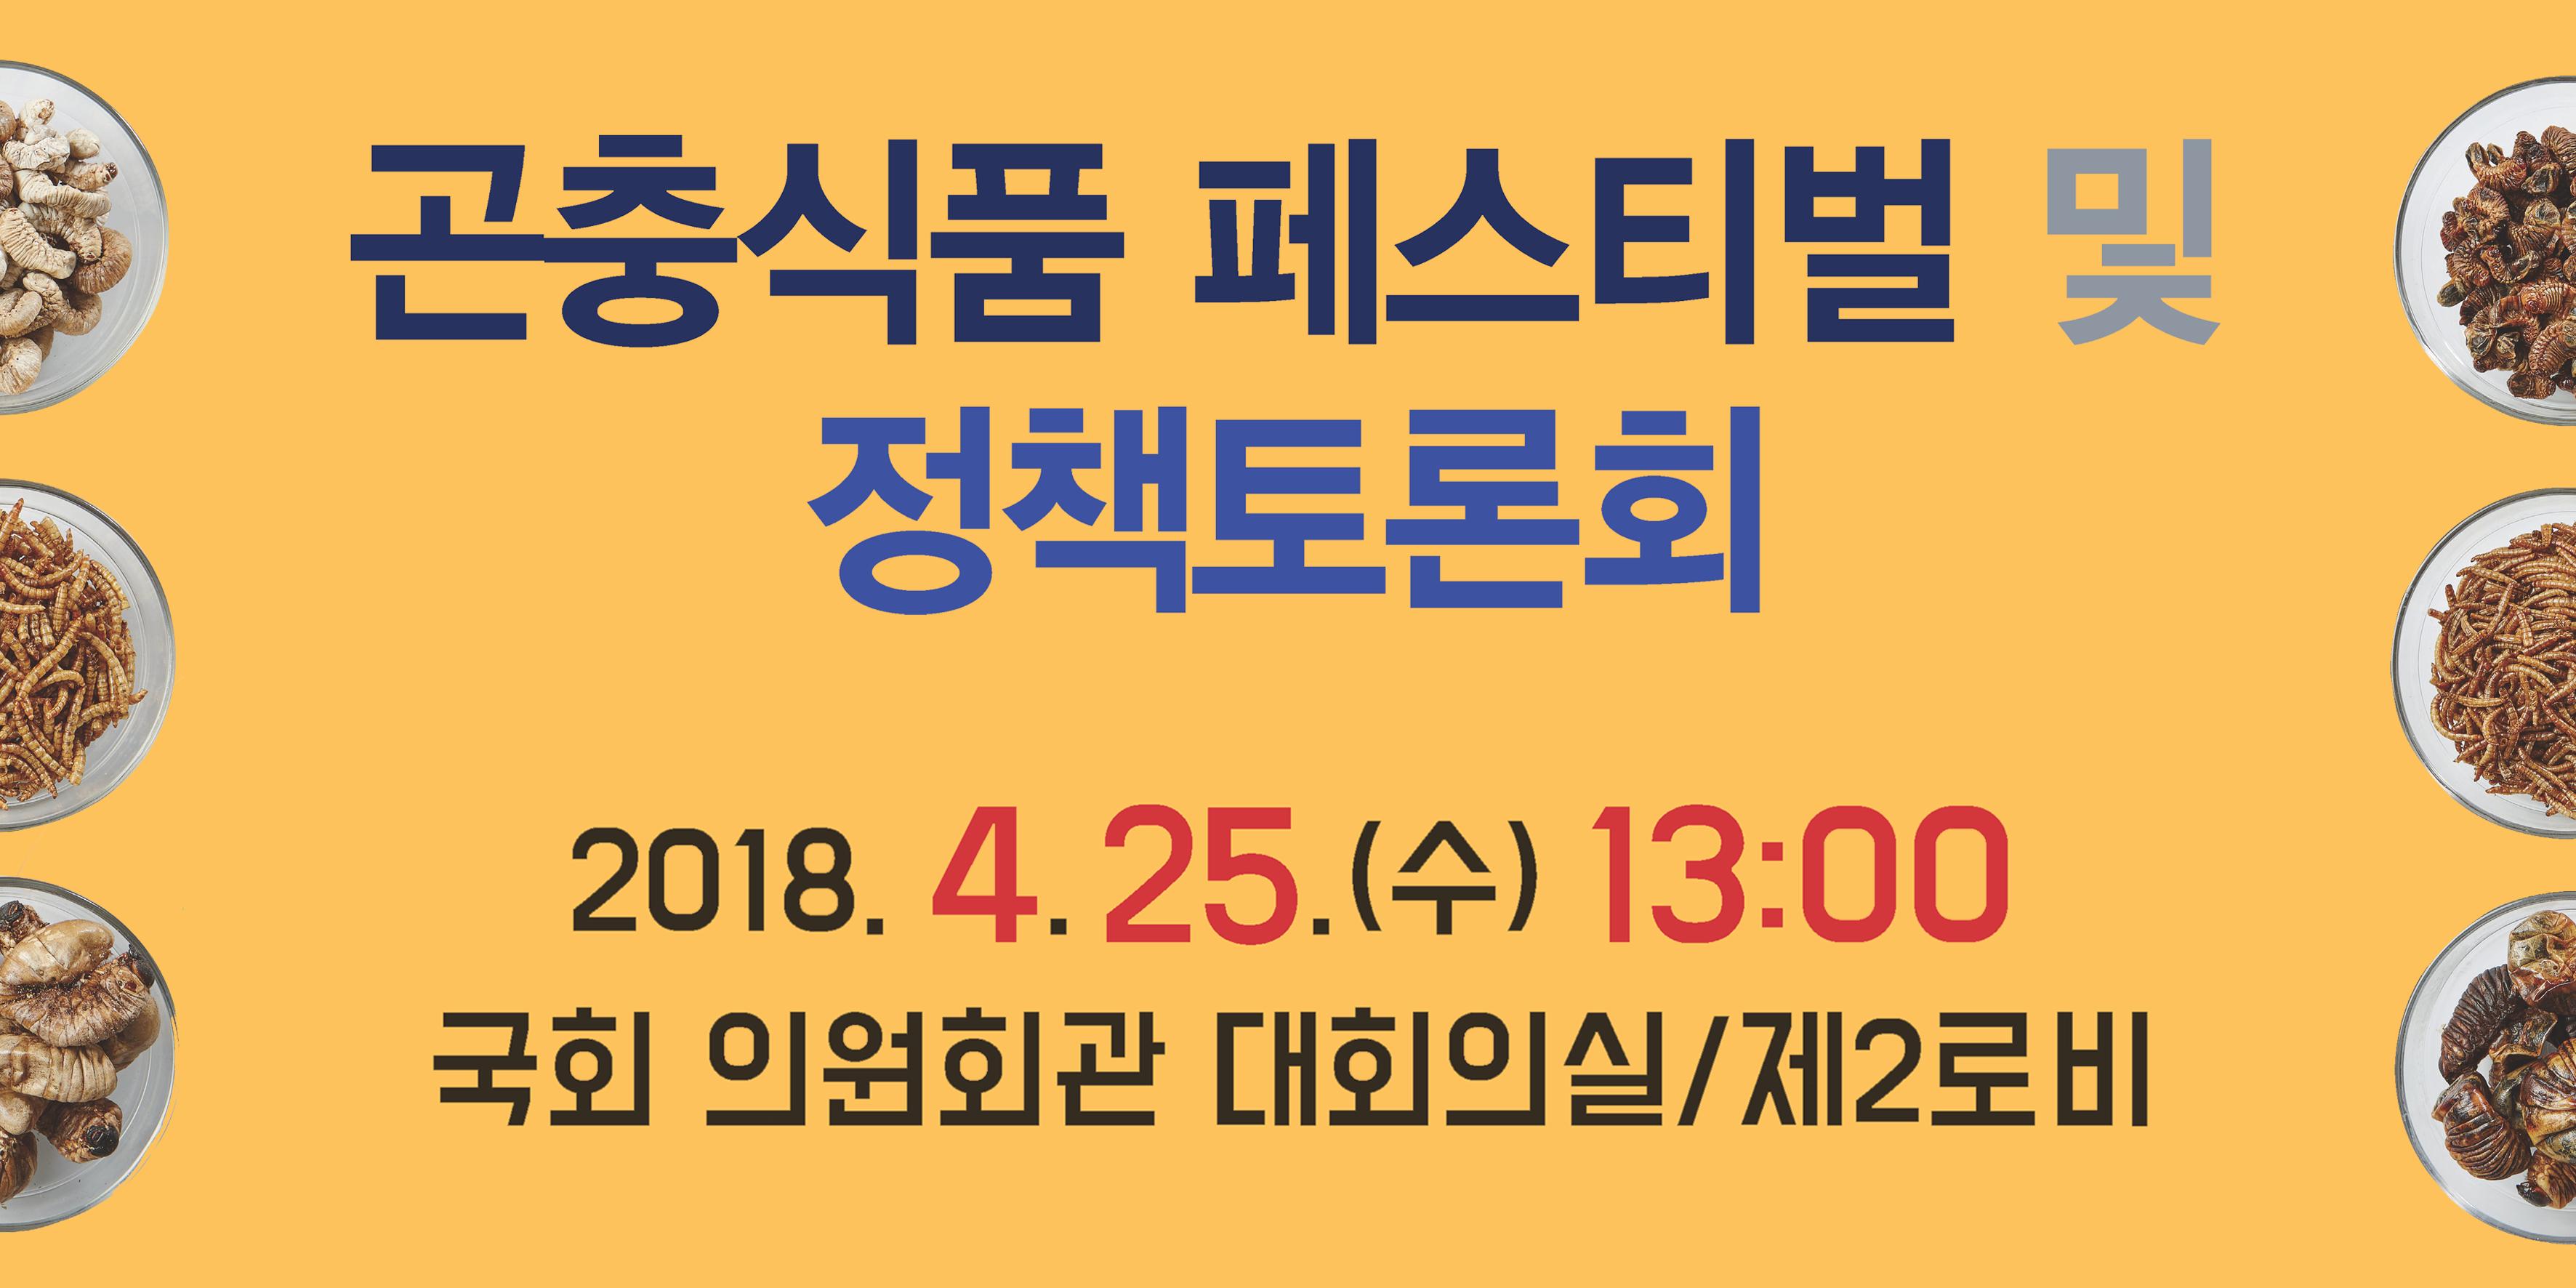 종자산업 정보의 중심 종자산업진흥센터